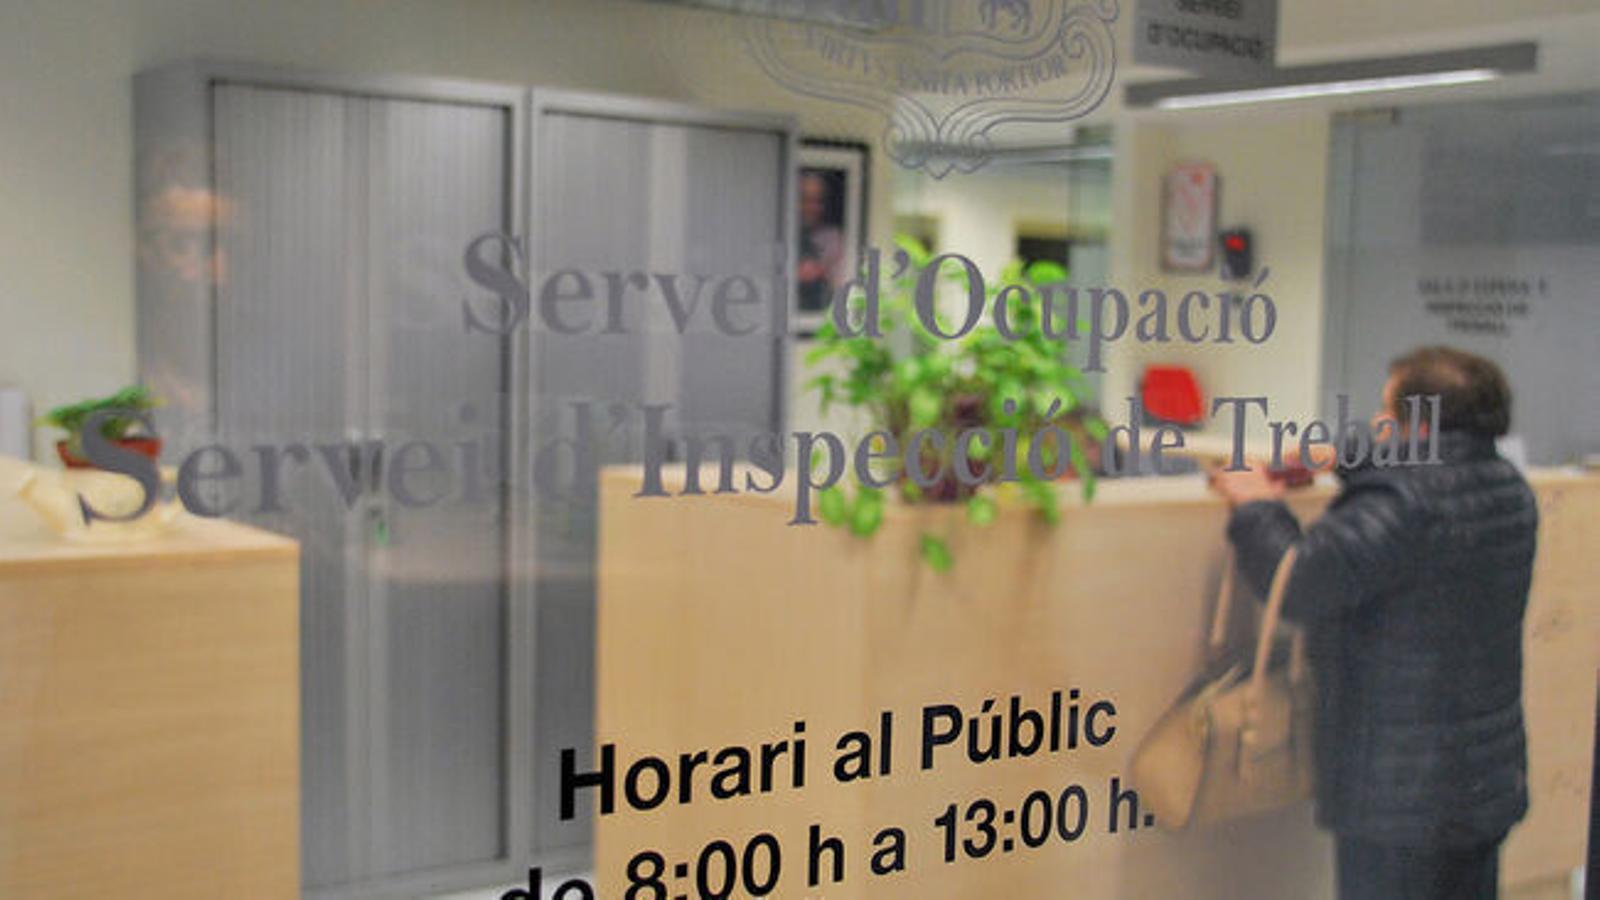 Oficina del Servei d'Ocupació. / ARXIU ANA